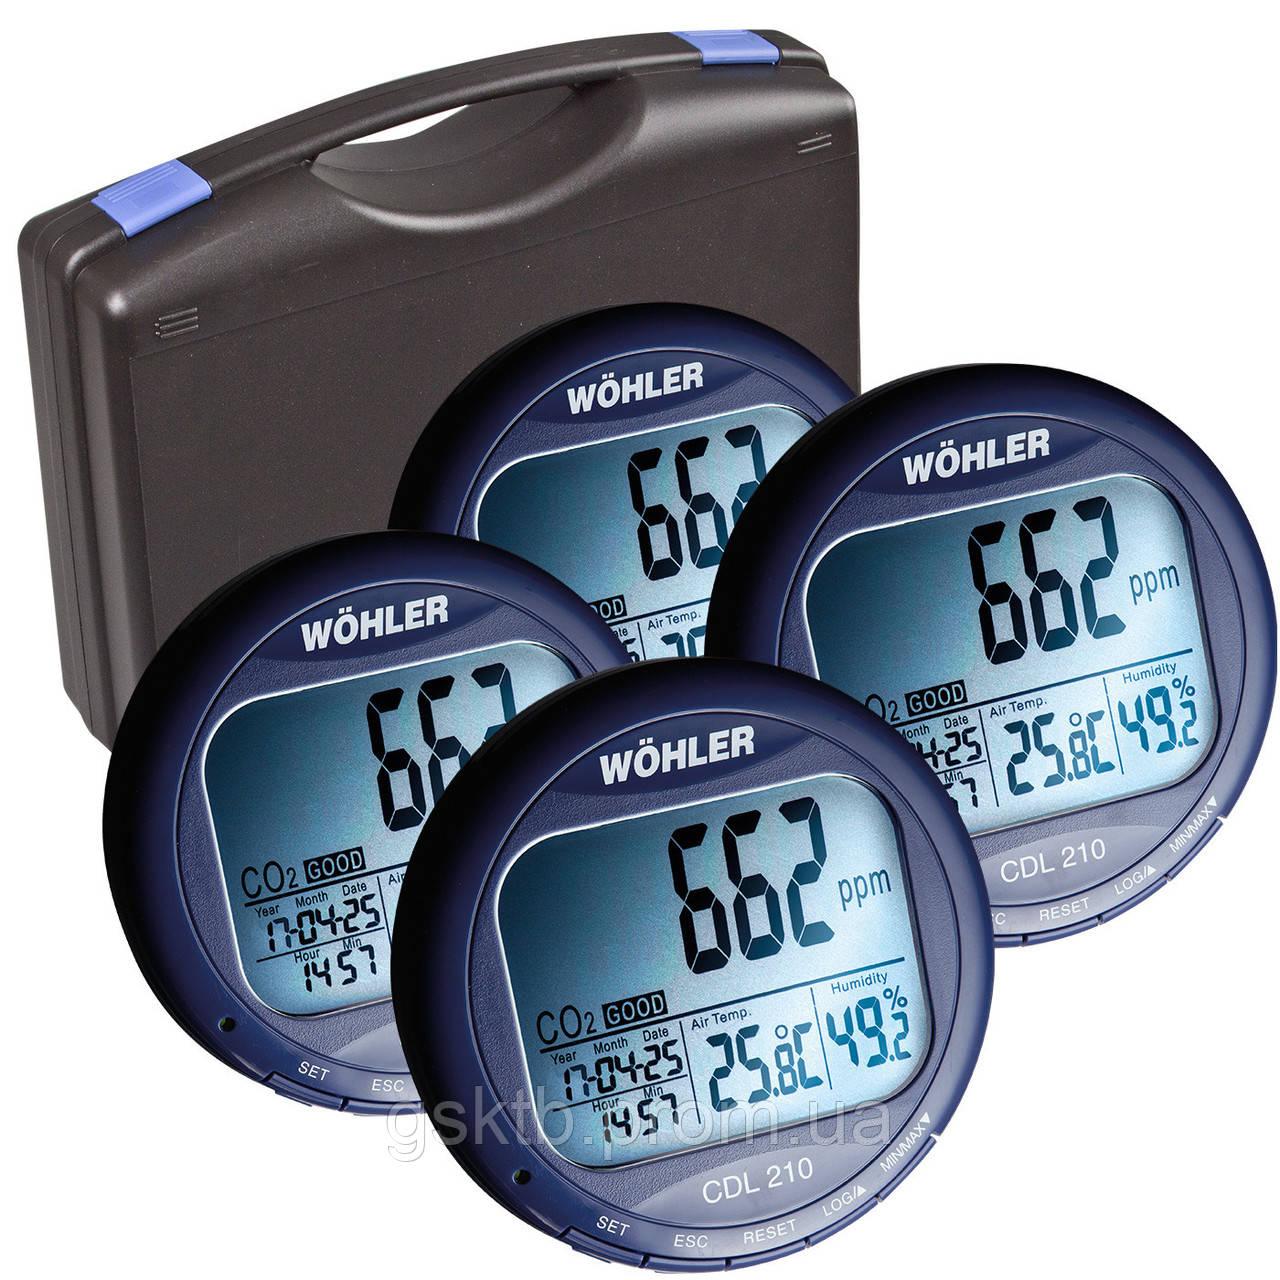 Регистратор температуры, влажности и СО2 WÖHLER CDL 210 (Германия)